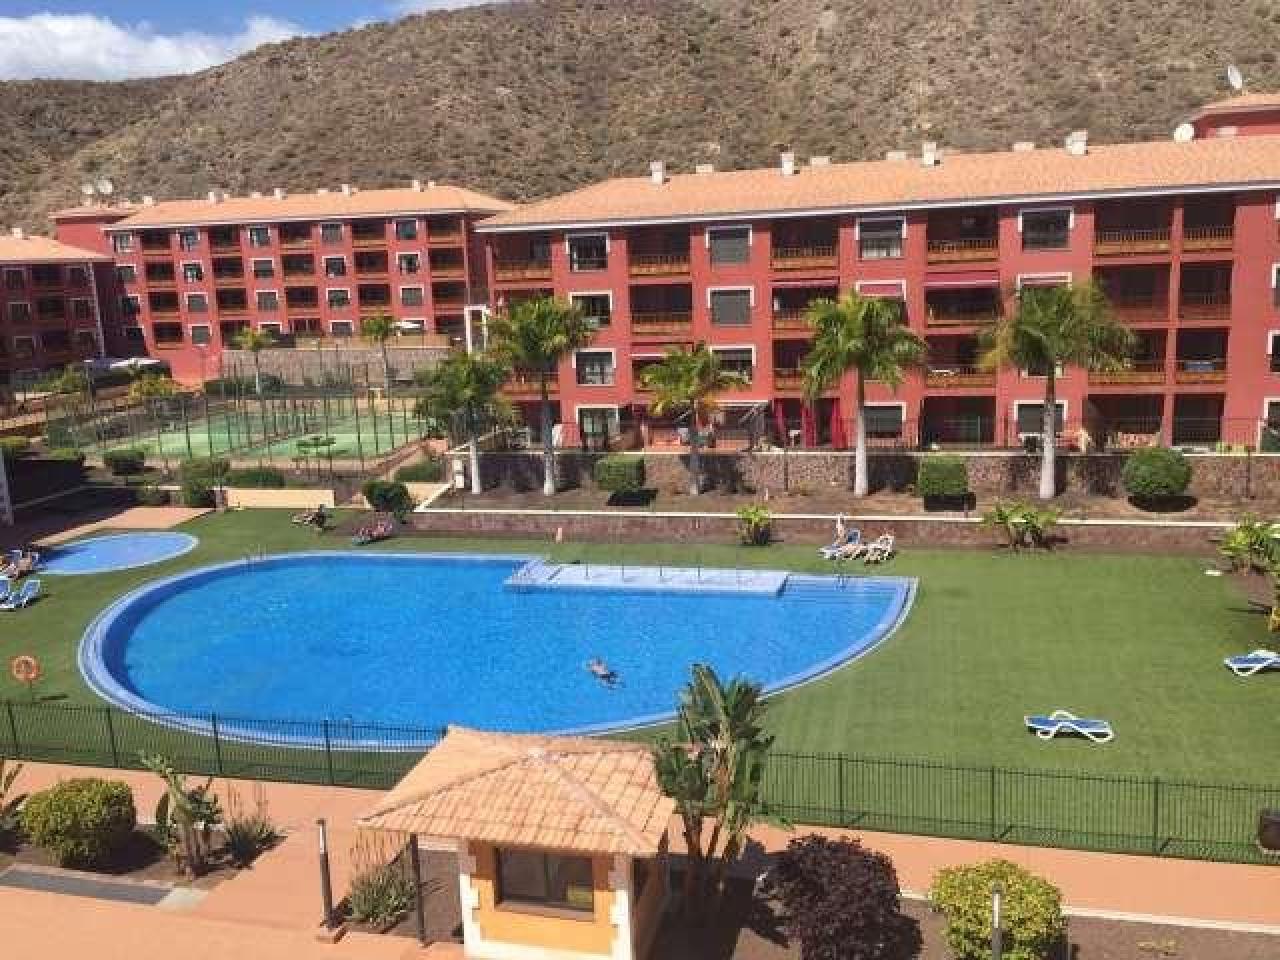 Alquiler vacaciones en Arona, Santa Cruz de Tenerife